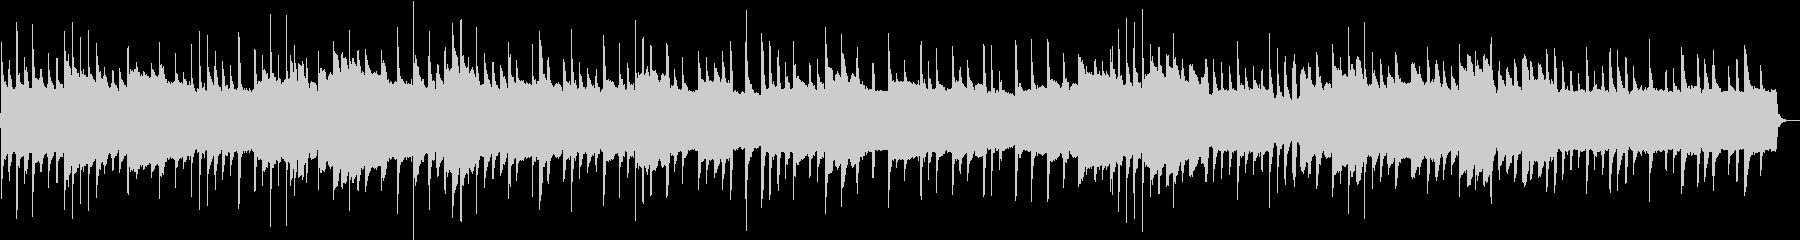 リラックス出来そうなゆったりとしピアノ曲の未再生の波形